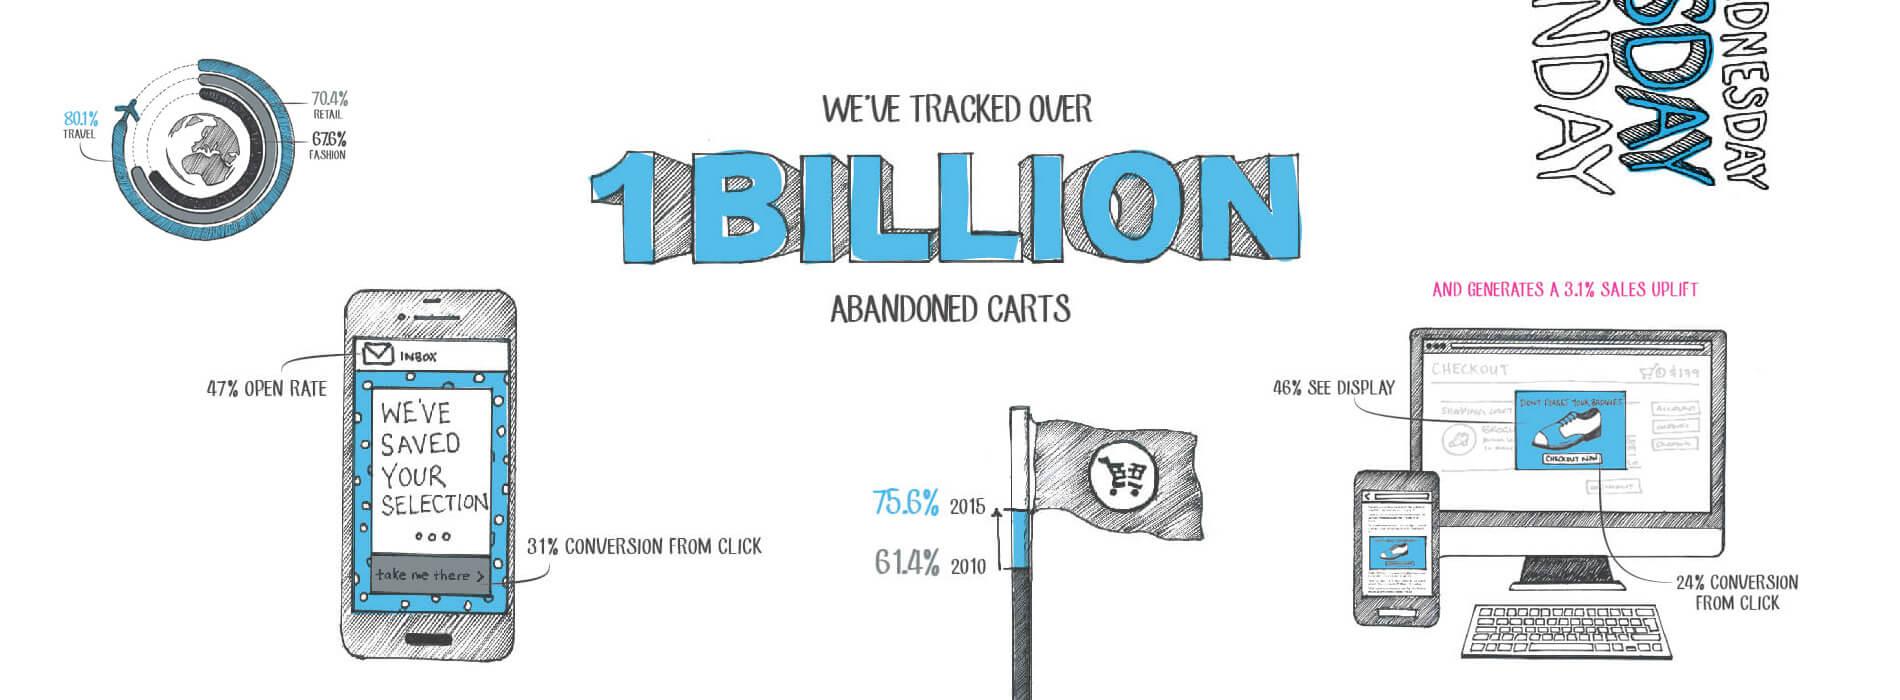 1 Billion Abandoned Carts